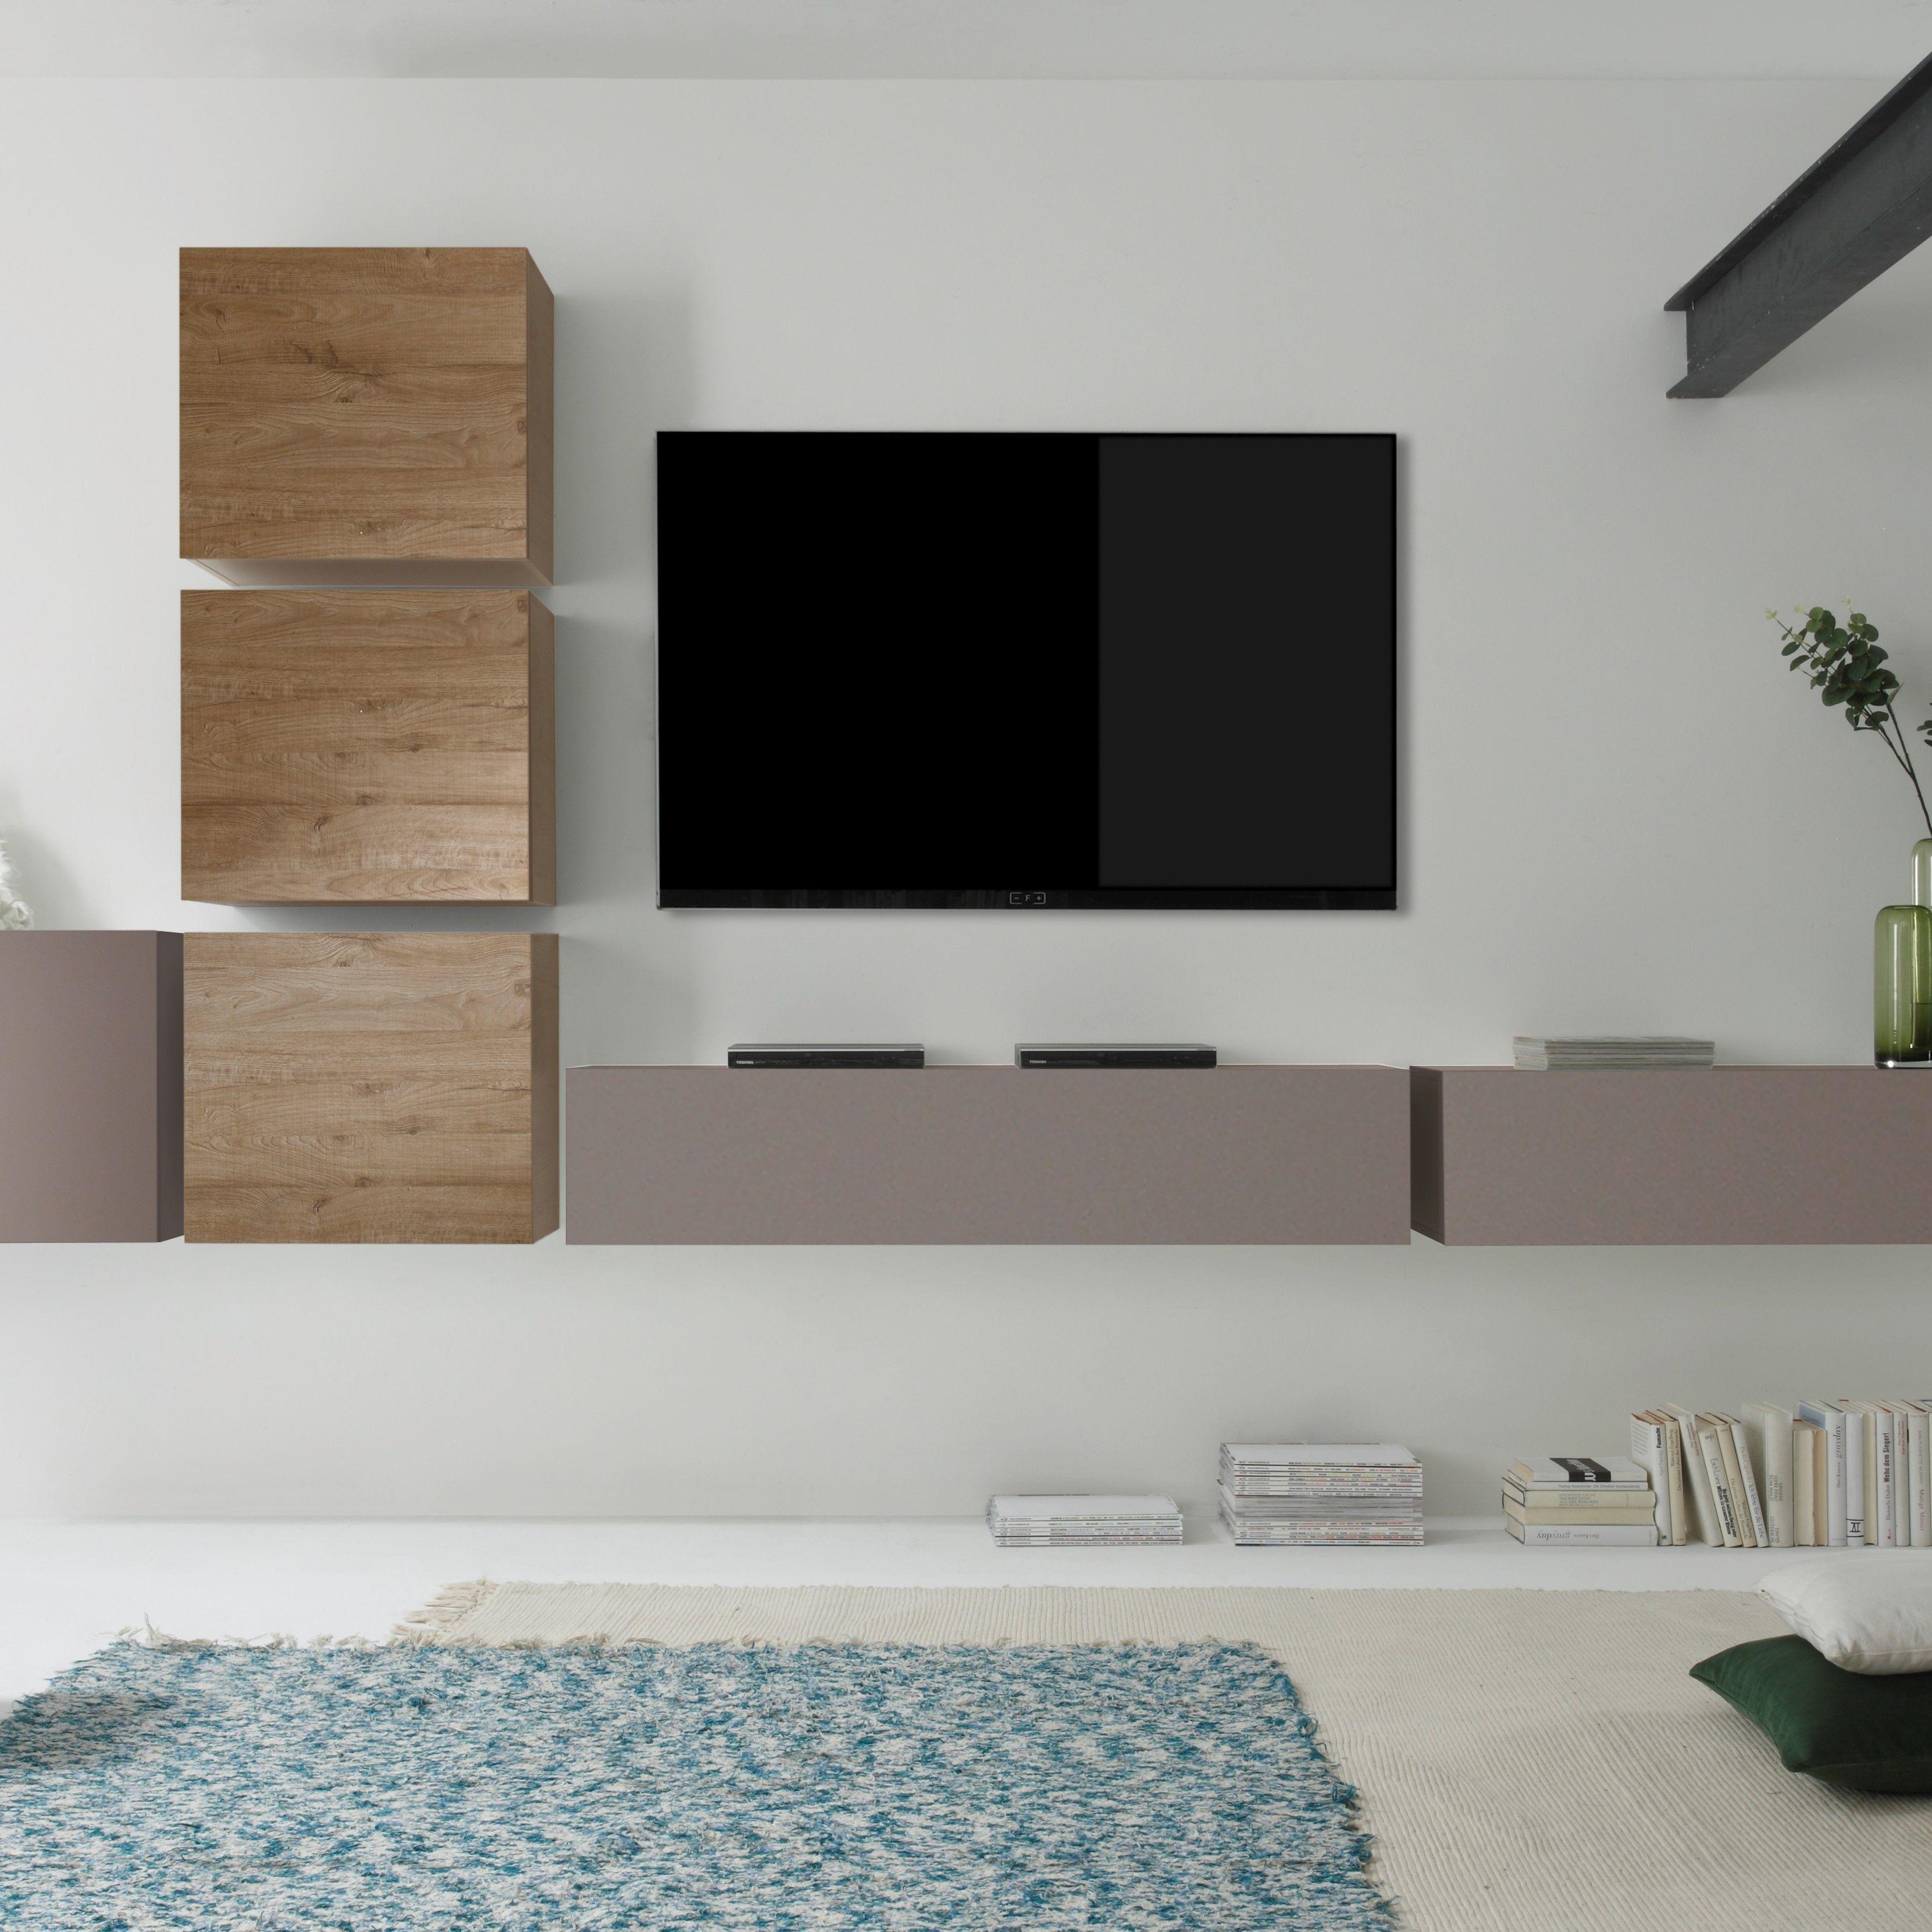 wohnwand como vii #wohnaura #möbel #design #einrichten #idee